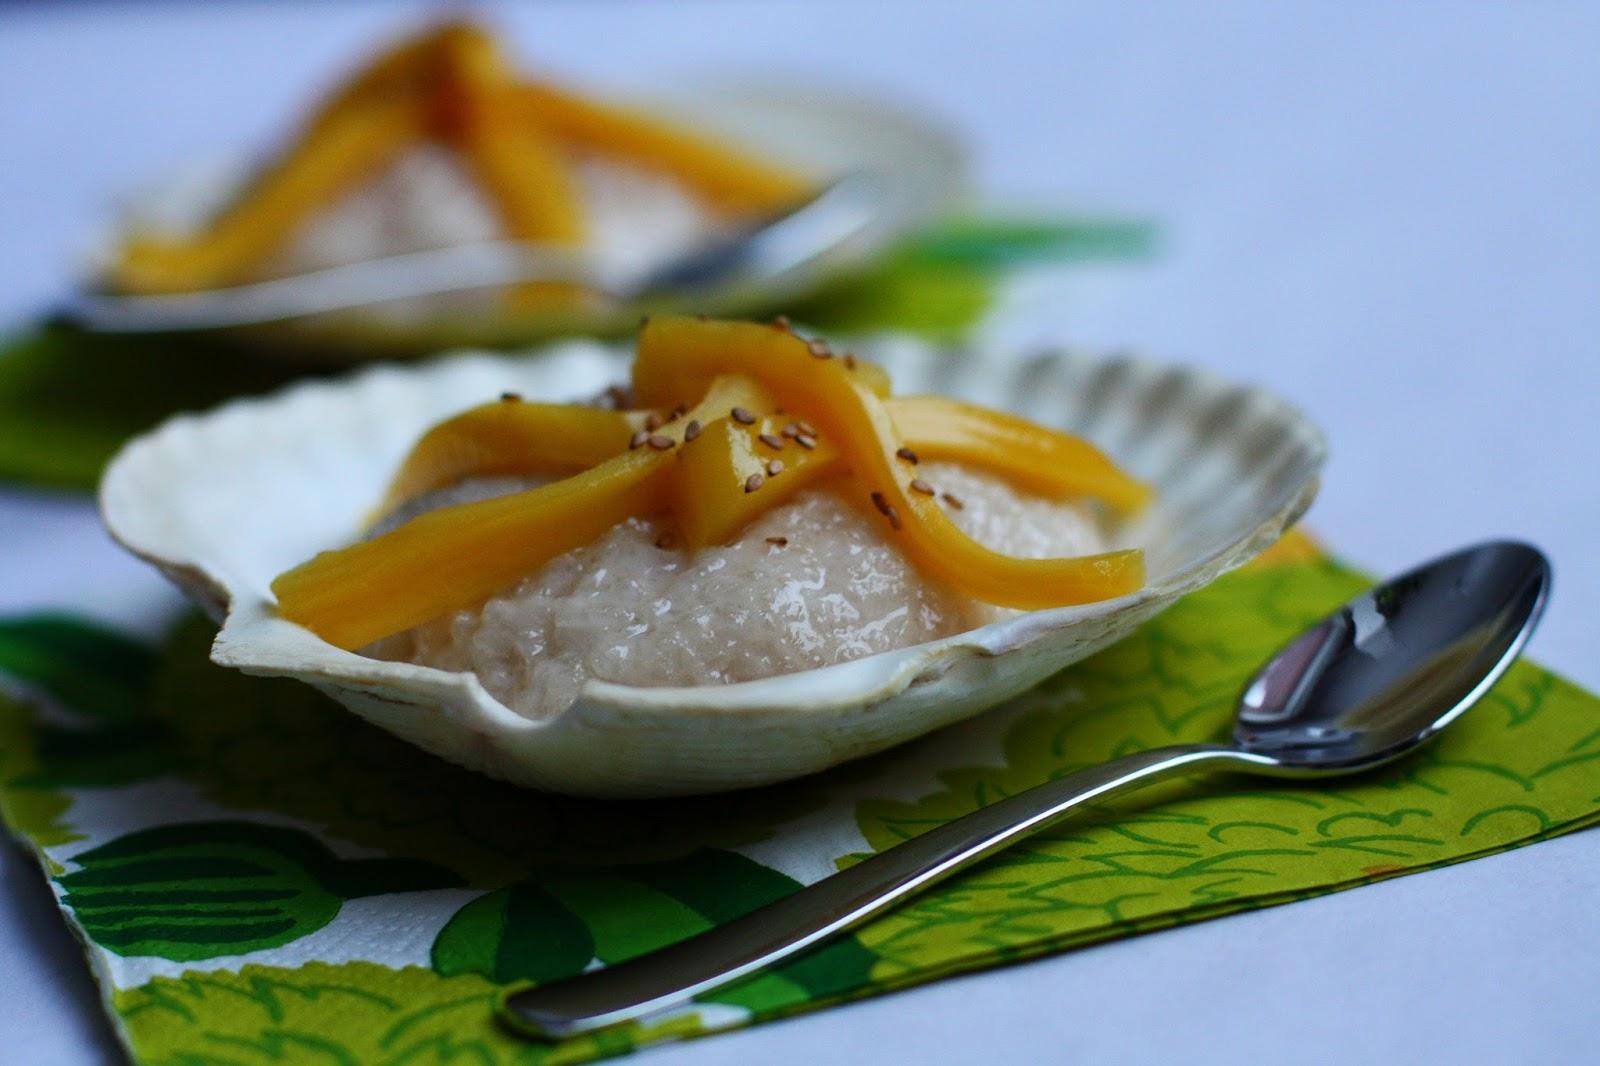 jackfruit sticky rice jälkiruoka mallaspulla thaimaa aasia jakkihedelmä